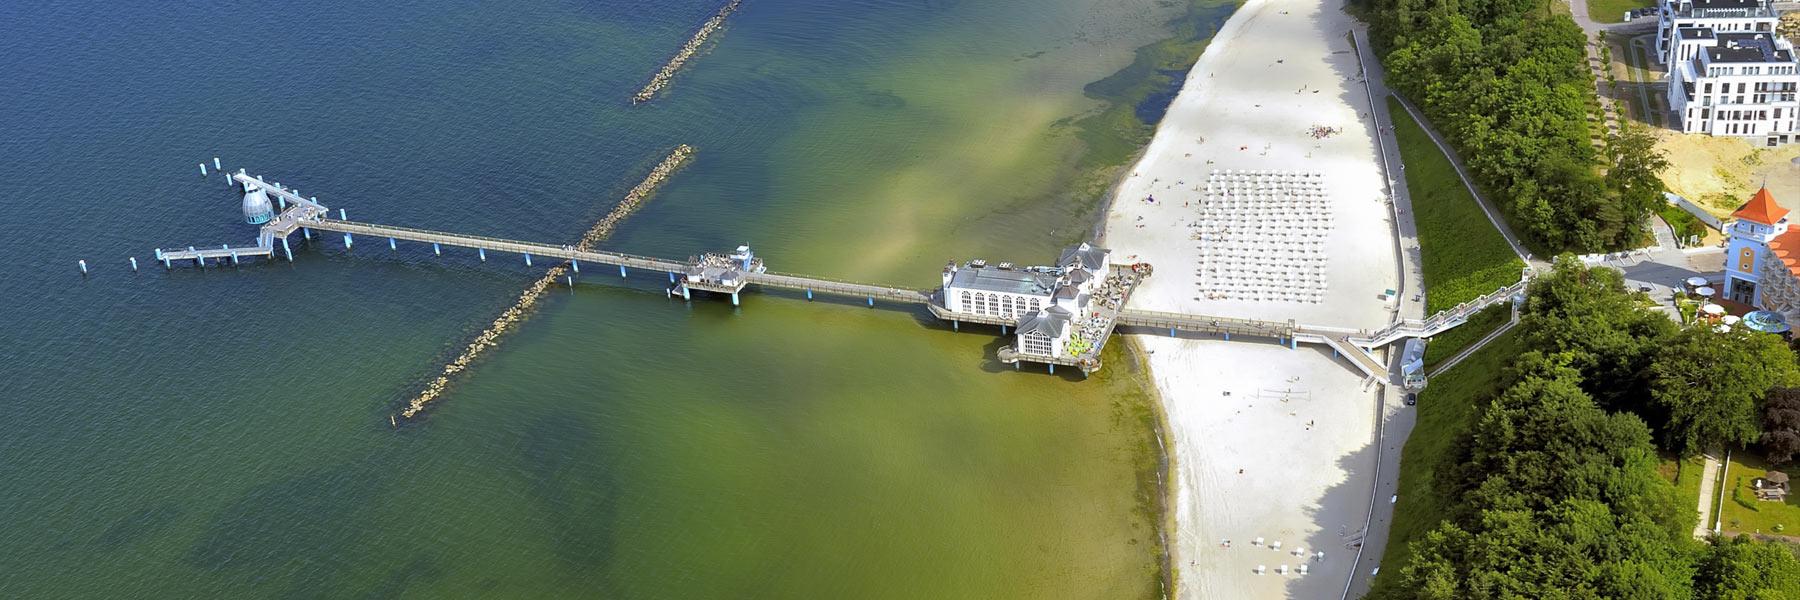 Luftaufnahme - Ostseebad Sellin